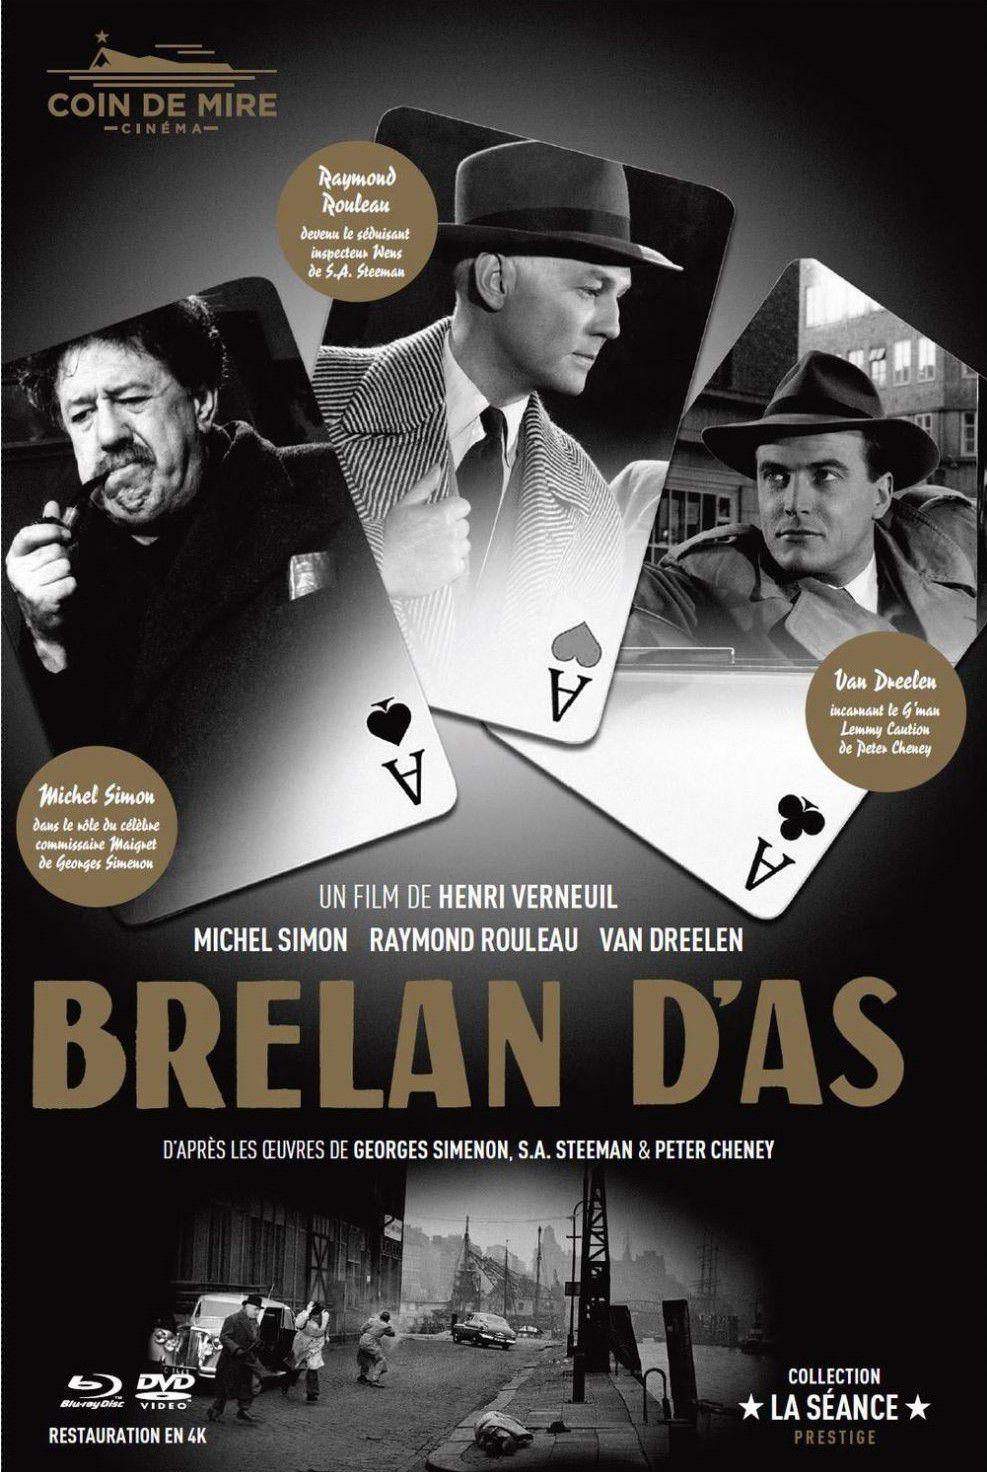 Brelan_d_as